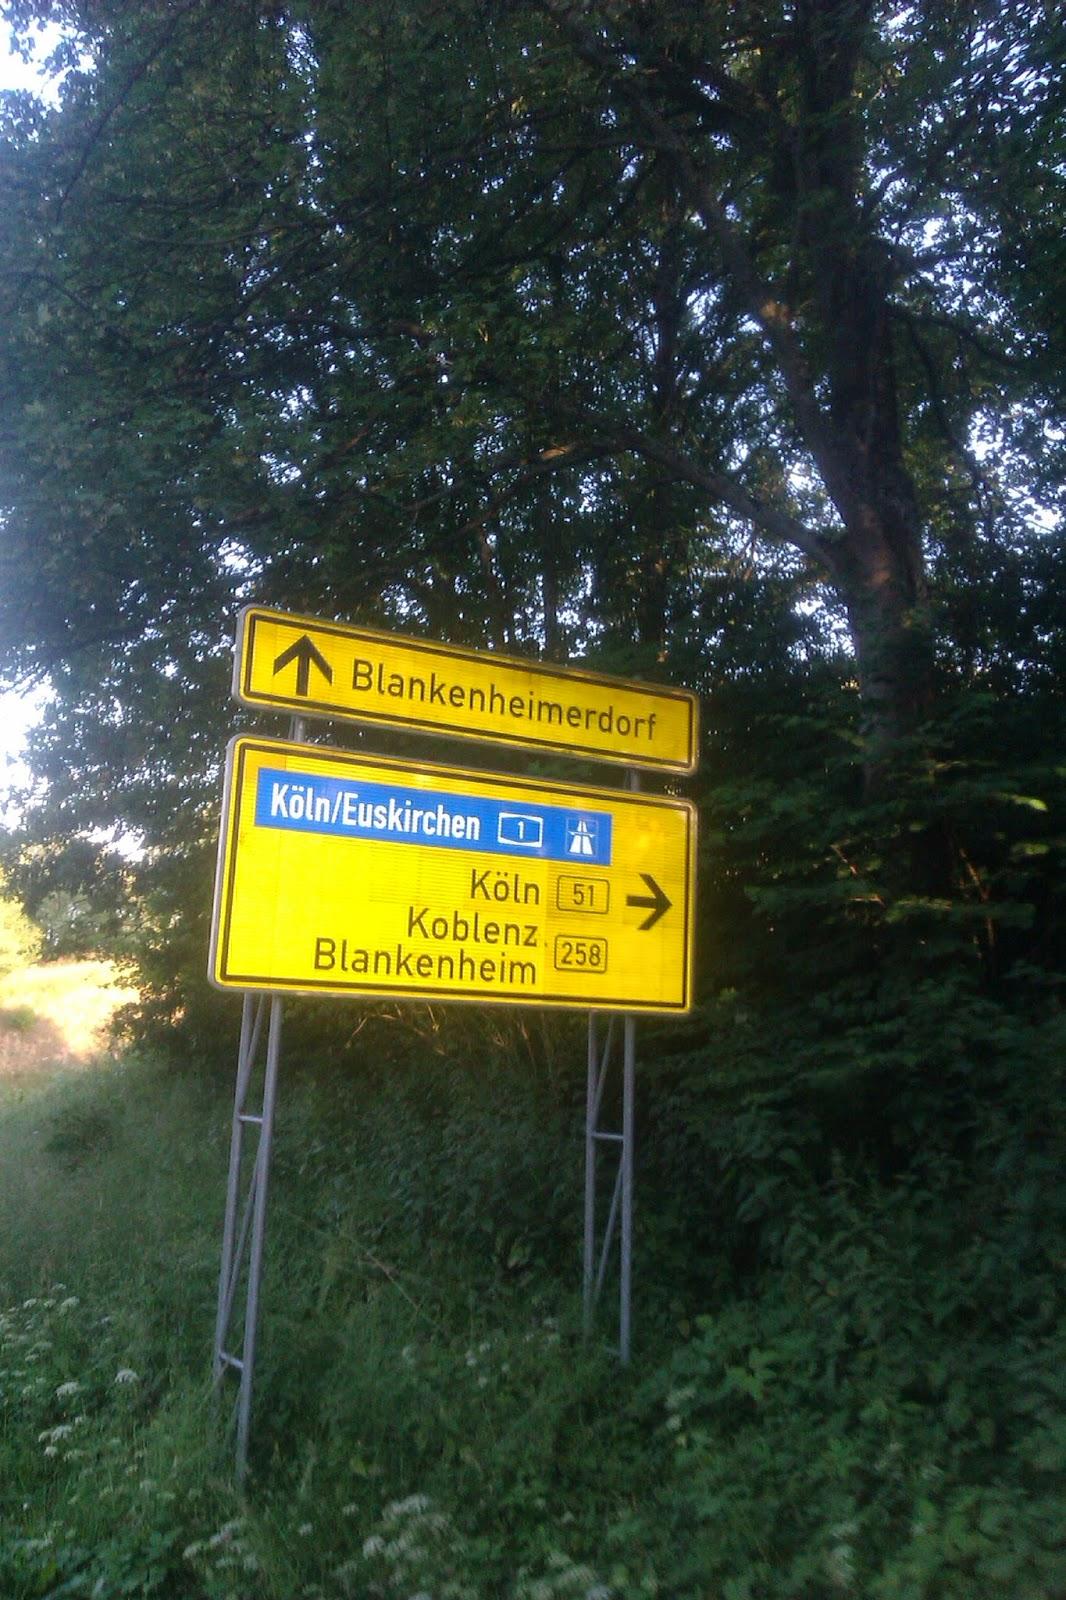 Köln Koblenz Blankenheim Euskirchen